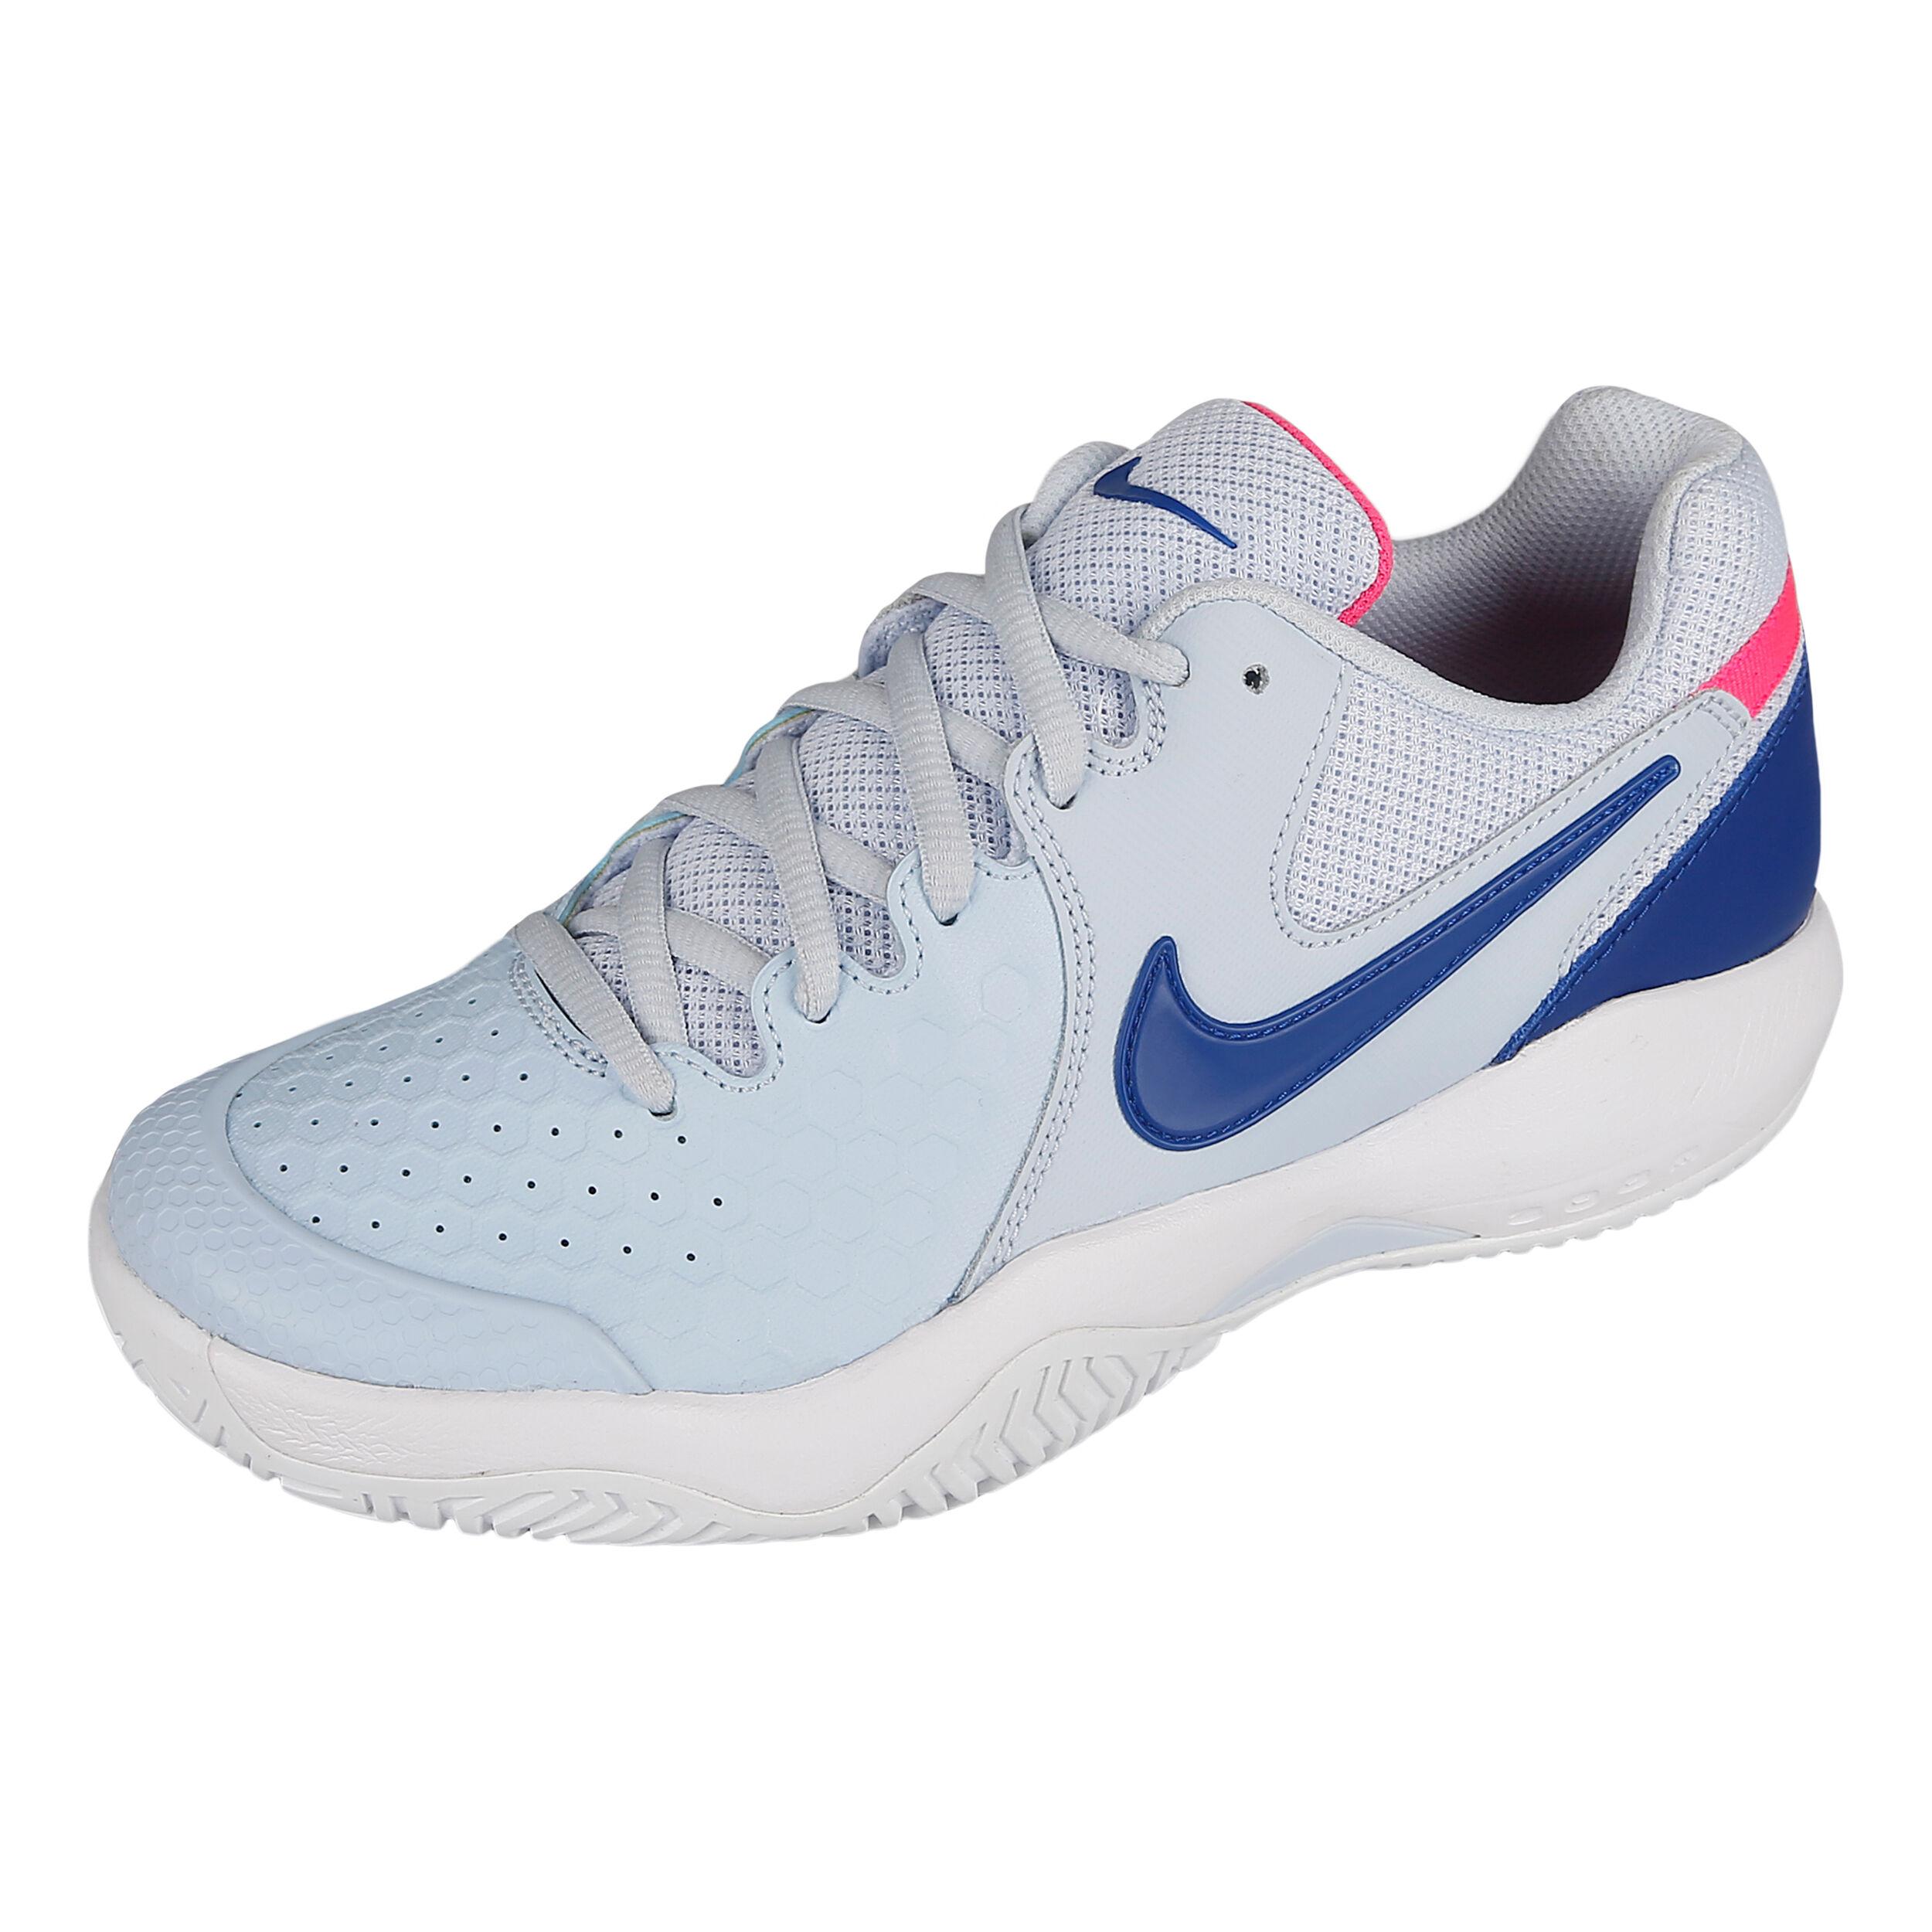 Nike Air Zoom Resistance Damen Hellblau, Blau online